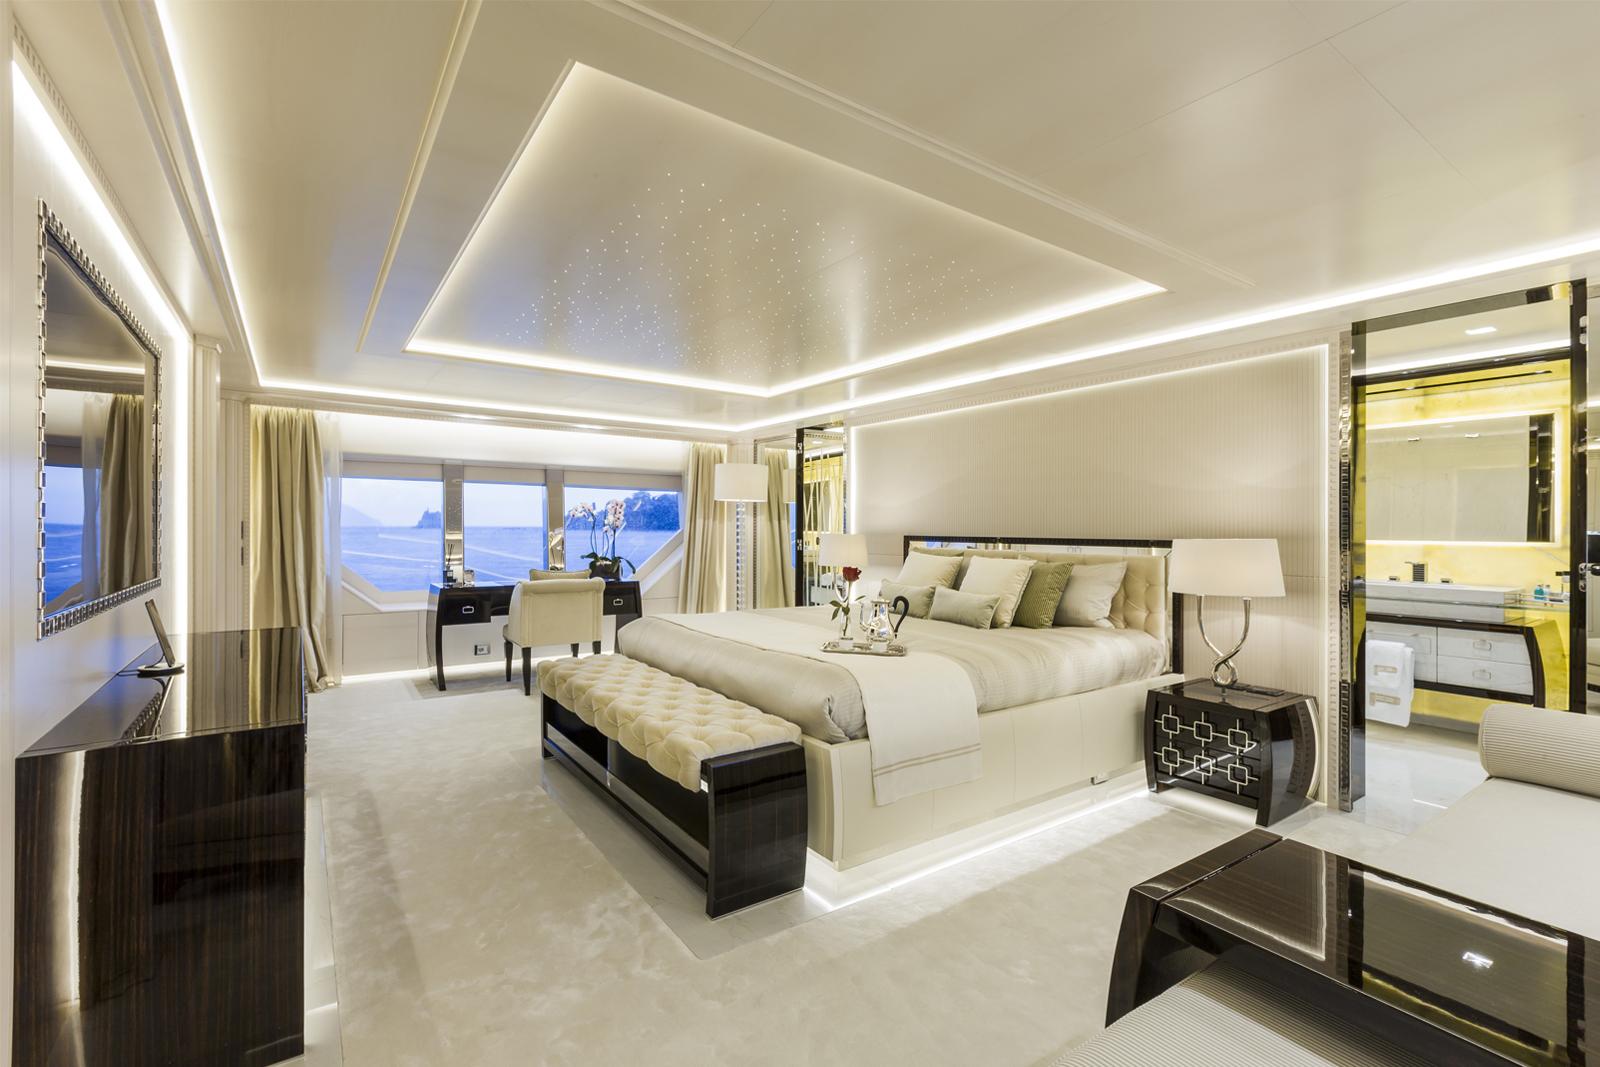 Luce come dettaglio e integrazione di sistema luce e design - Luce camera da letto ...